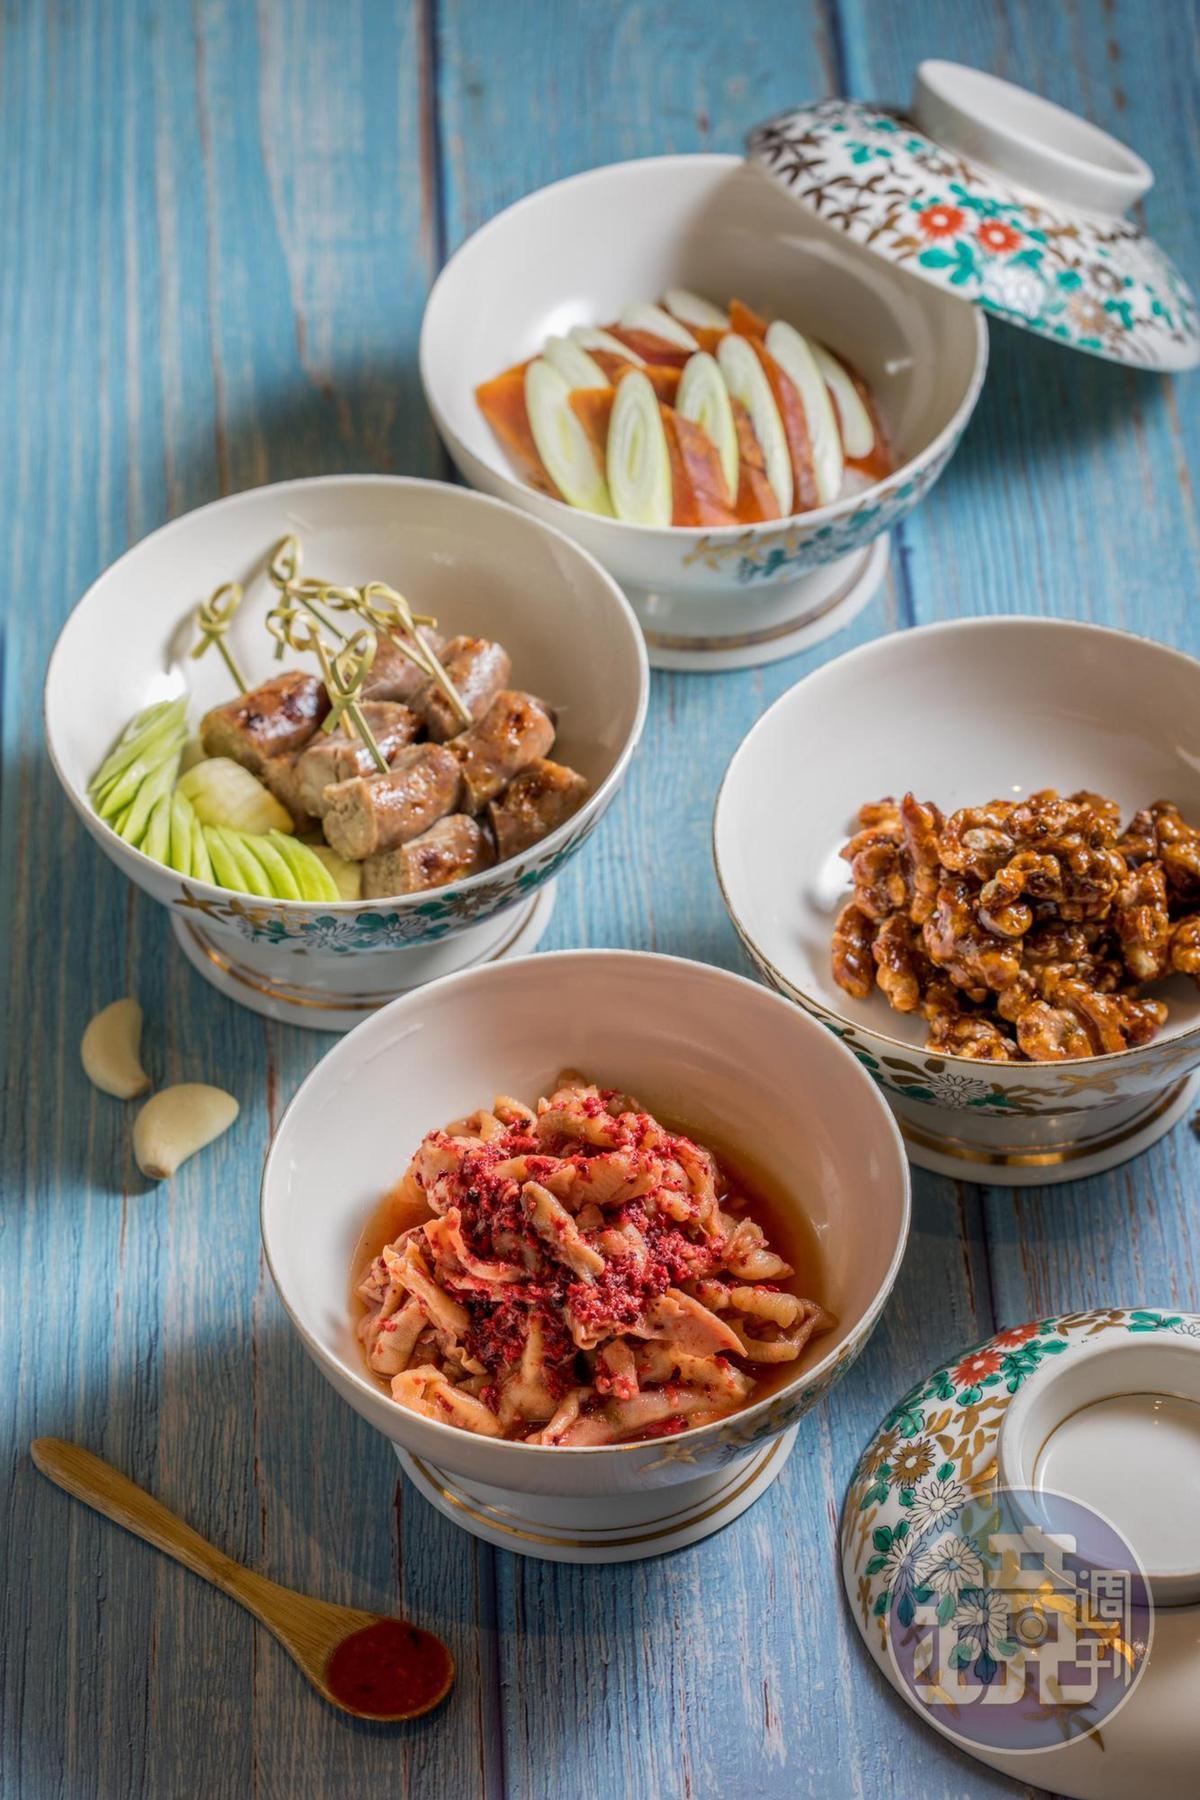 「蓬萊閣四蓋碗」吃得到紅麴鵝掌、烏魚子、手工現灌香腸和黑糖核桃,可依預算做菜色變化。(1,680元/份)